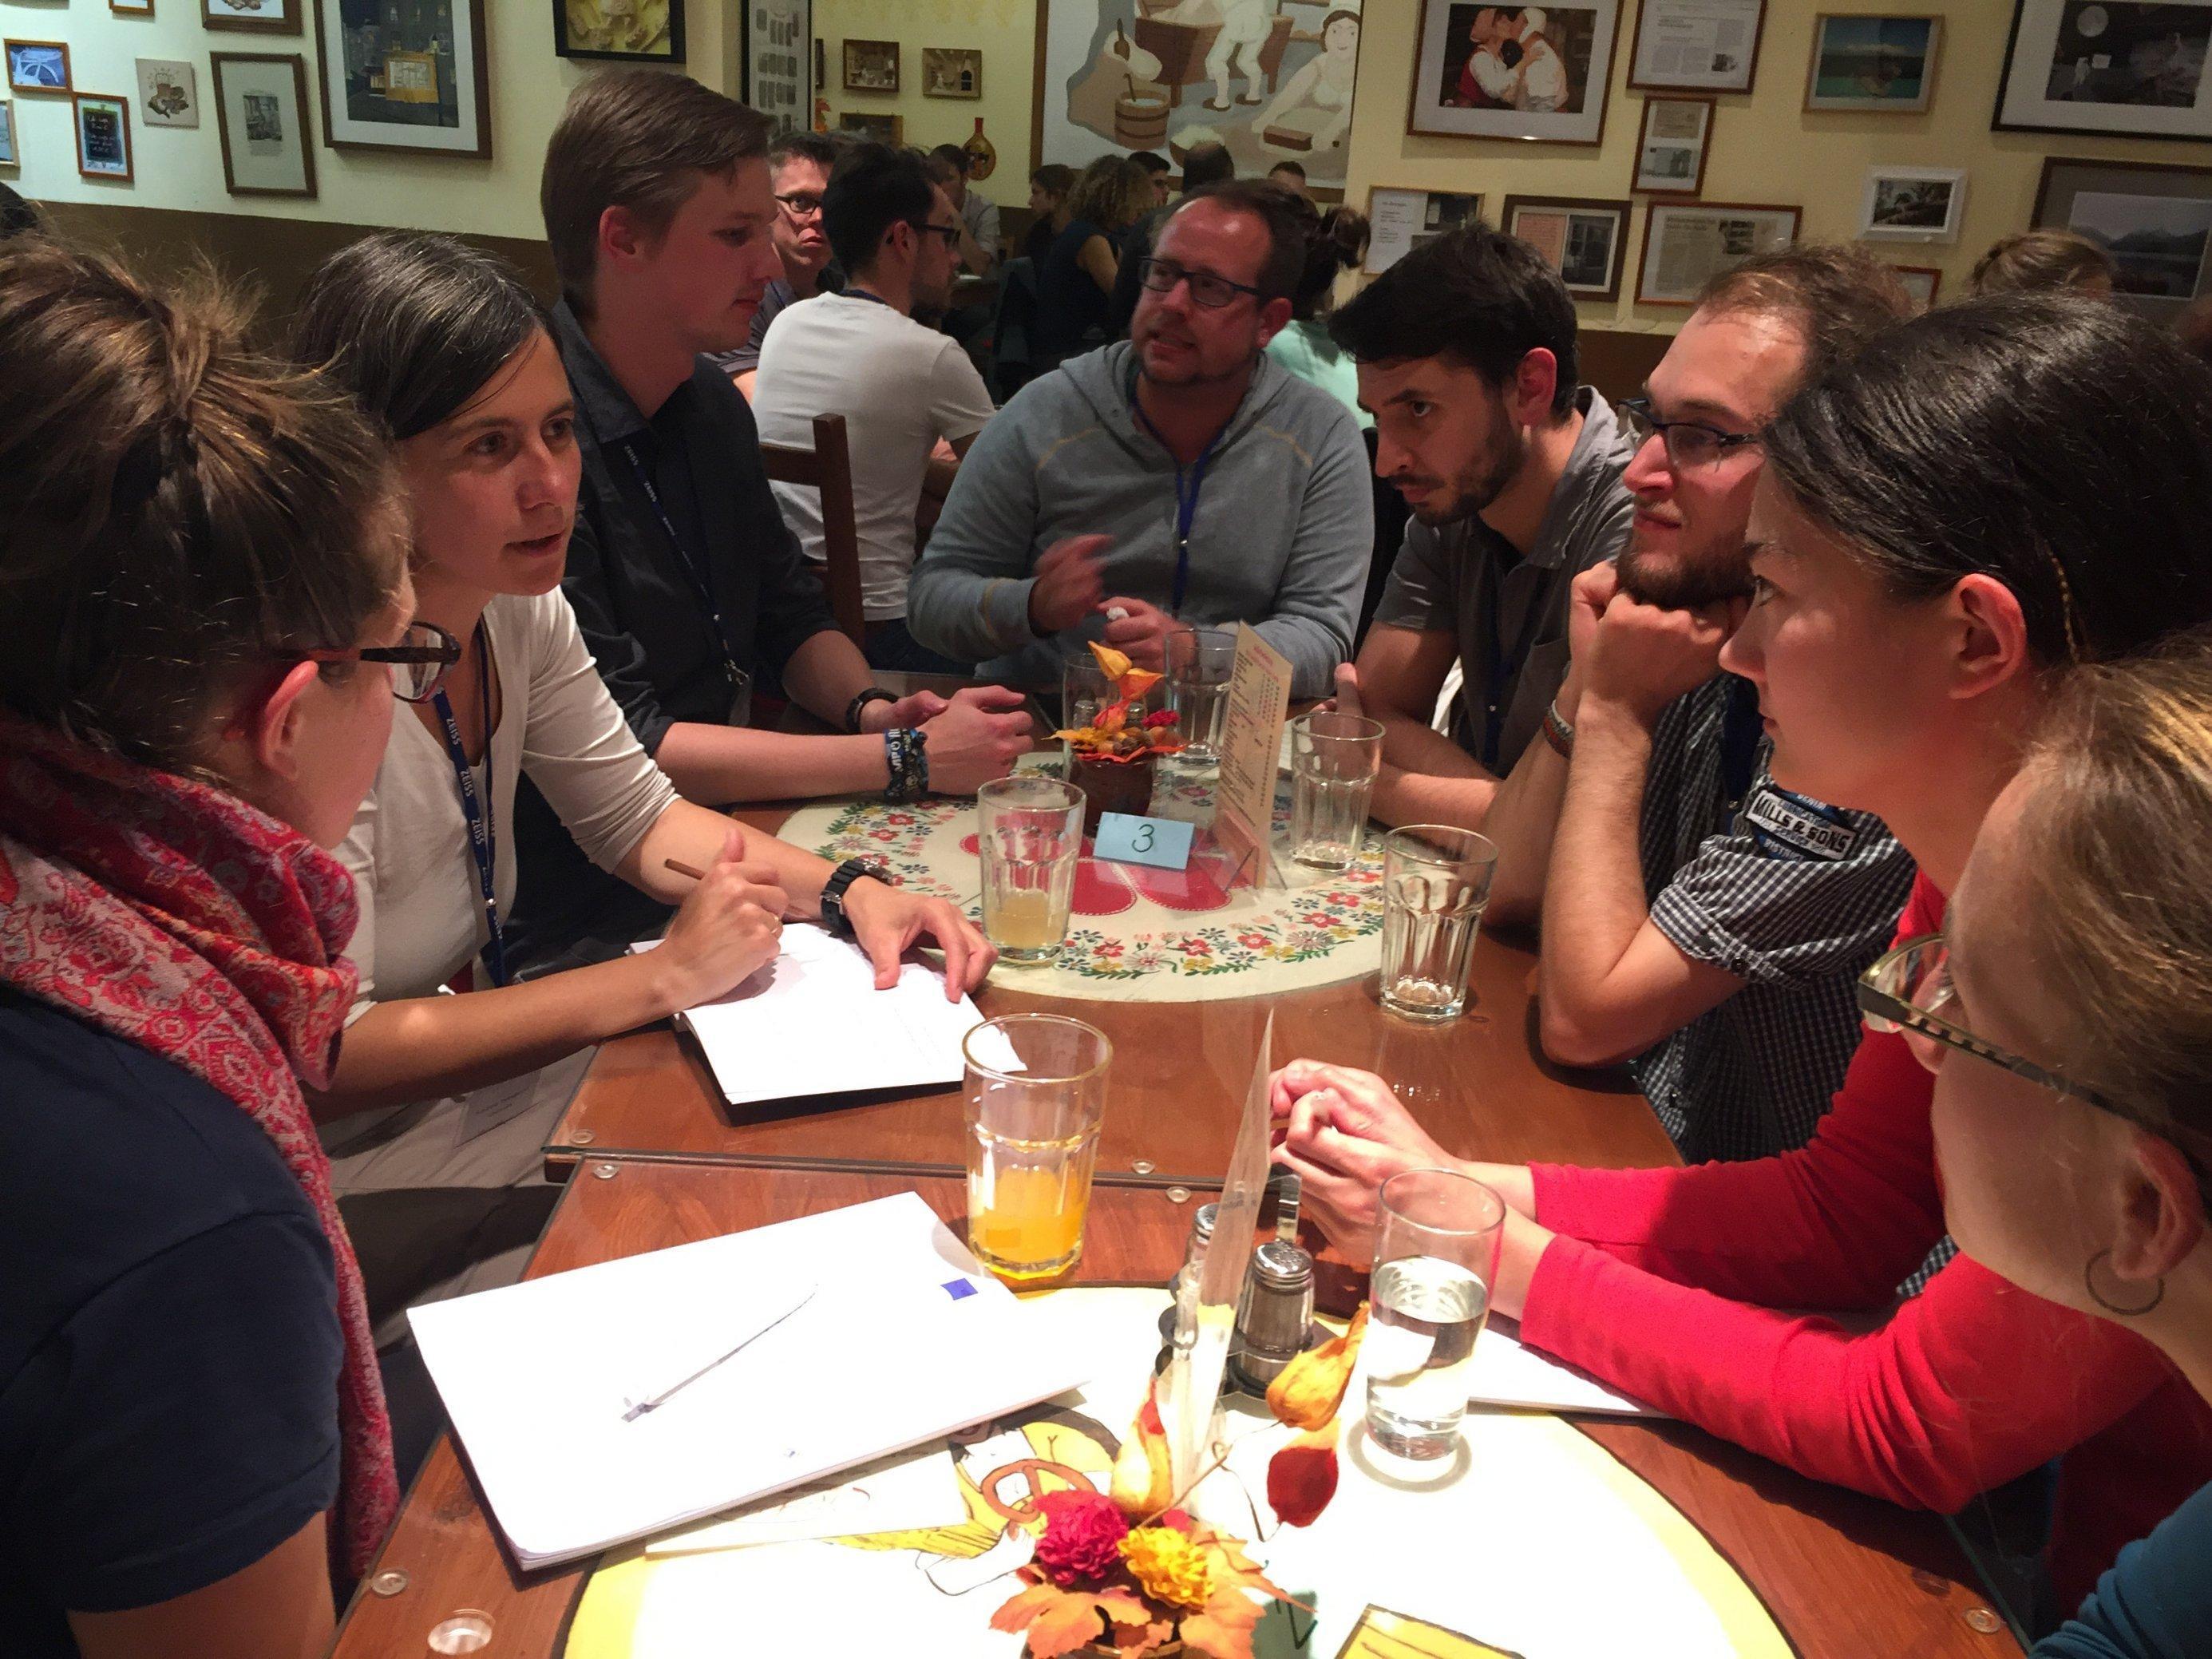 Viele jüngere Menschen sitzen an einem Tisch und hören gespannt Franziska Tanneberger zu.